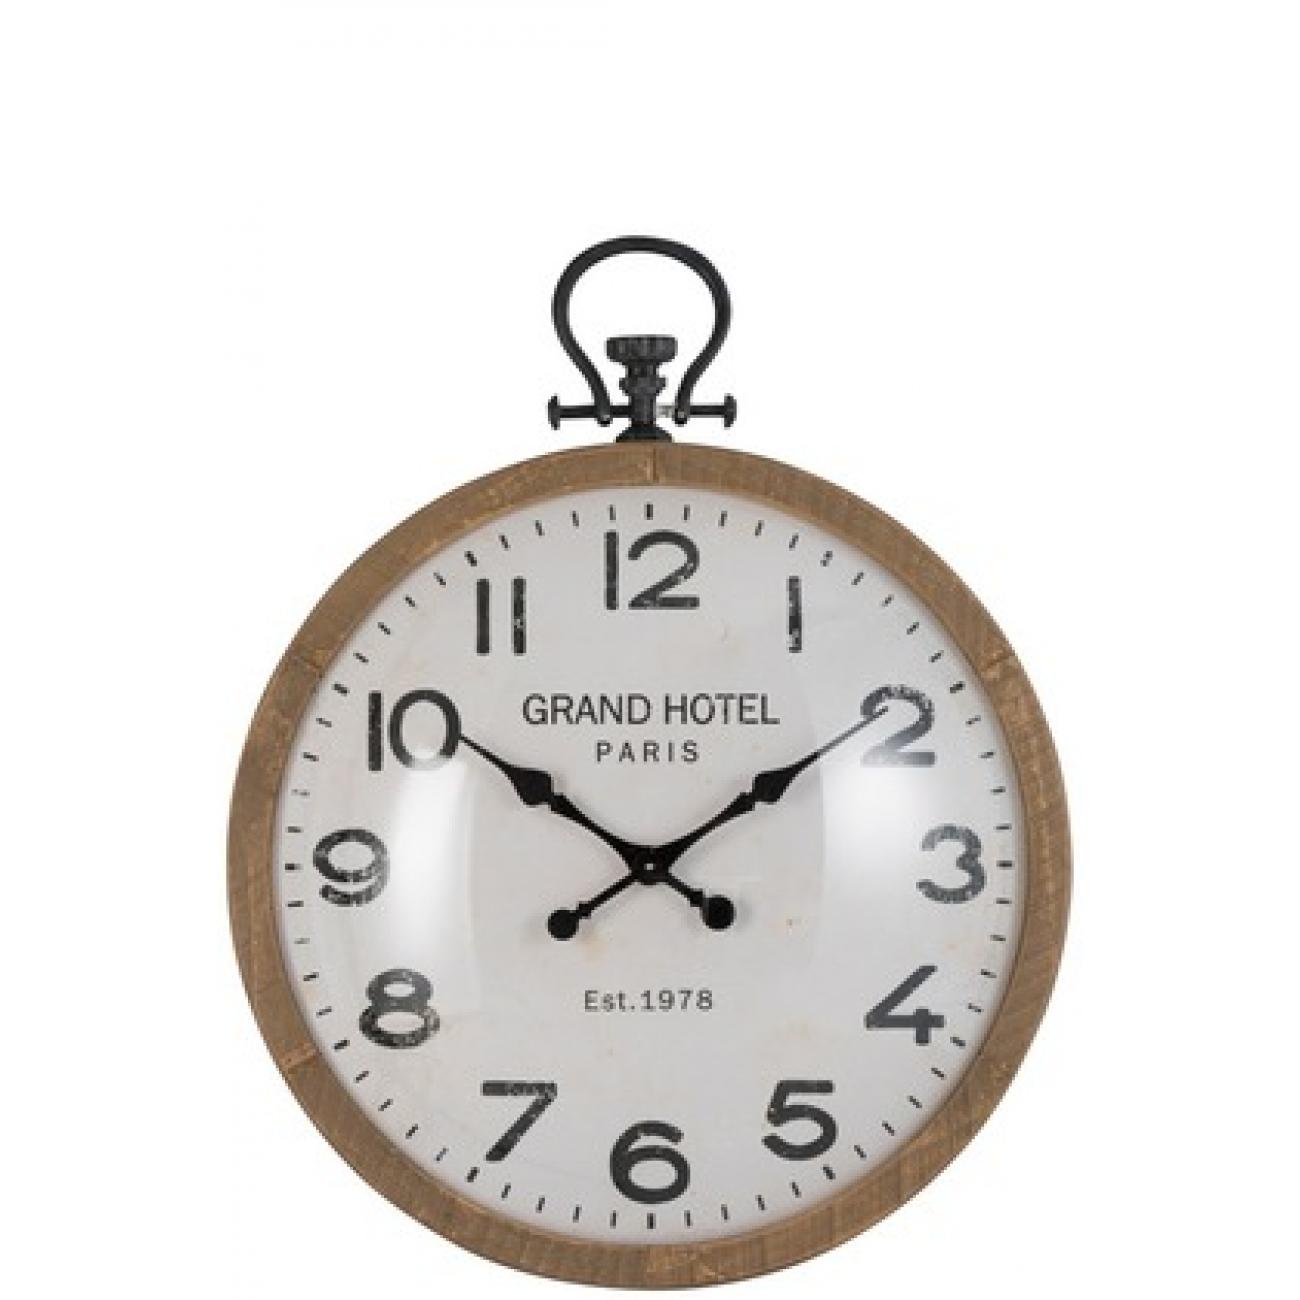 Настенные часы J-LINE круглые в деревянном корпусе с римскими цифрами Grand Hotel диаметр 90 см